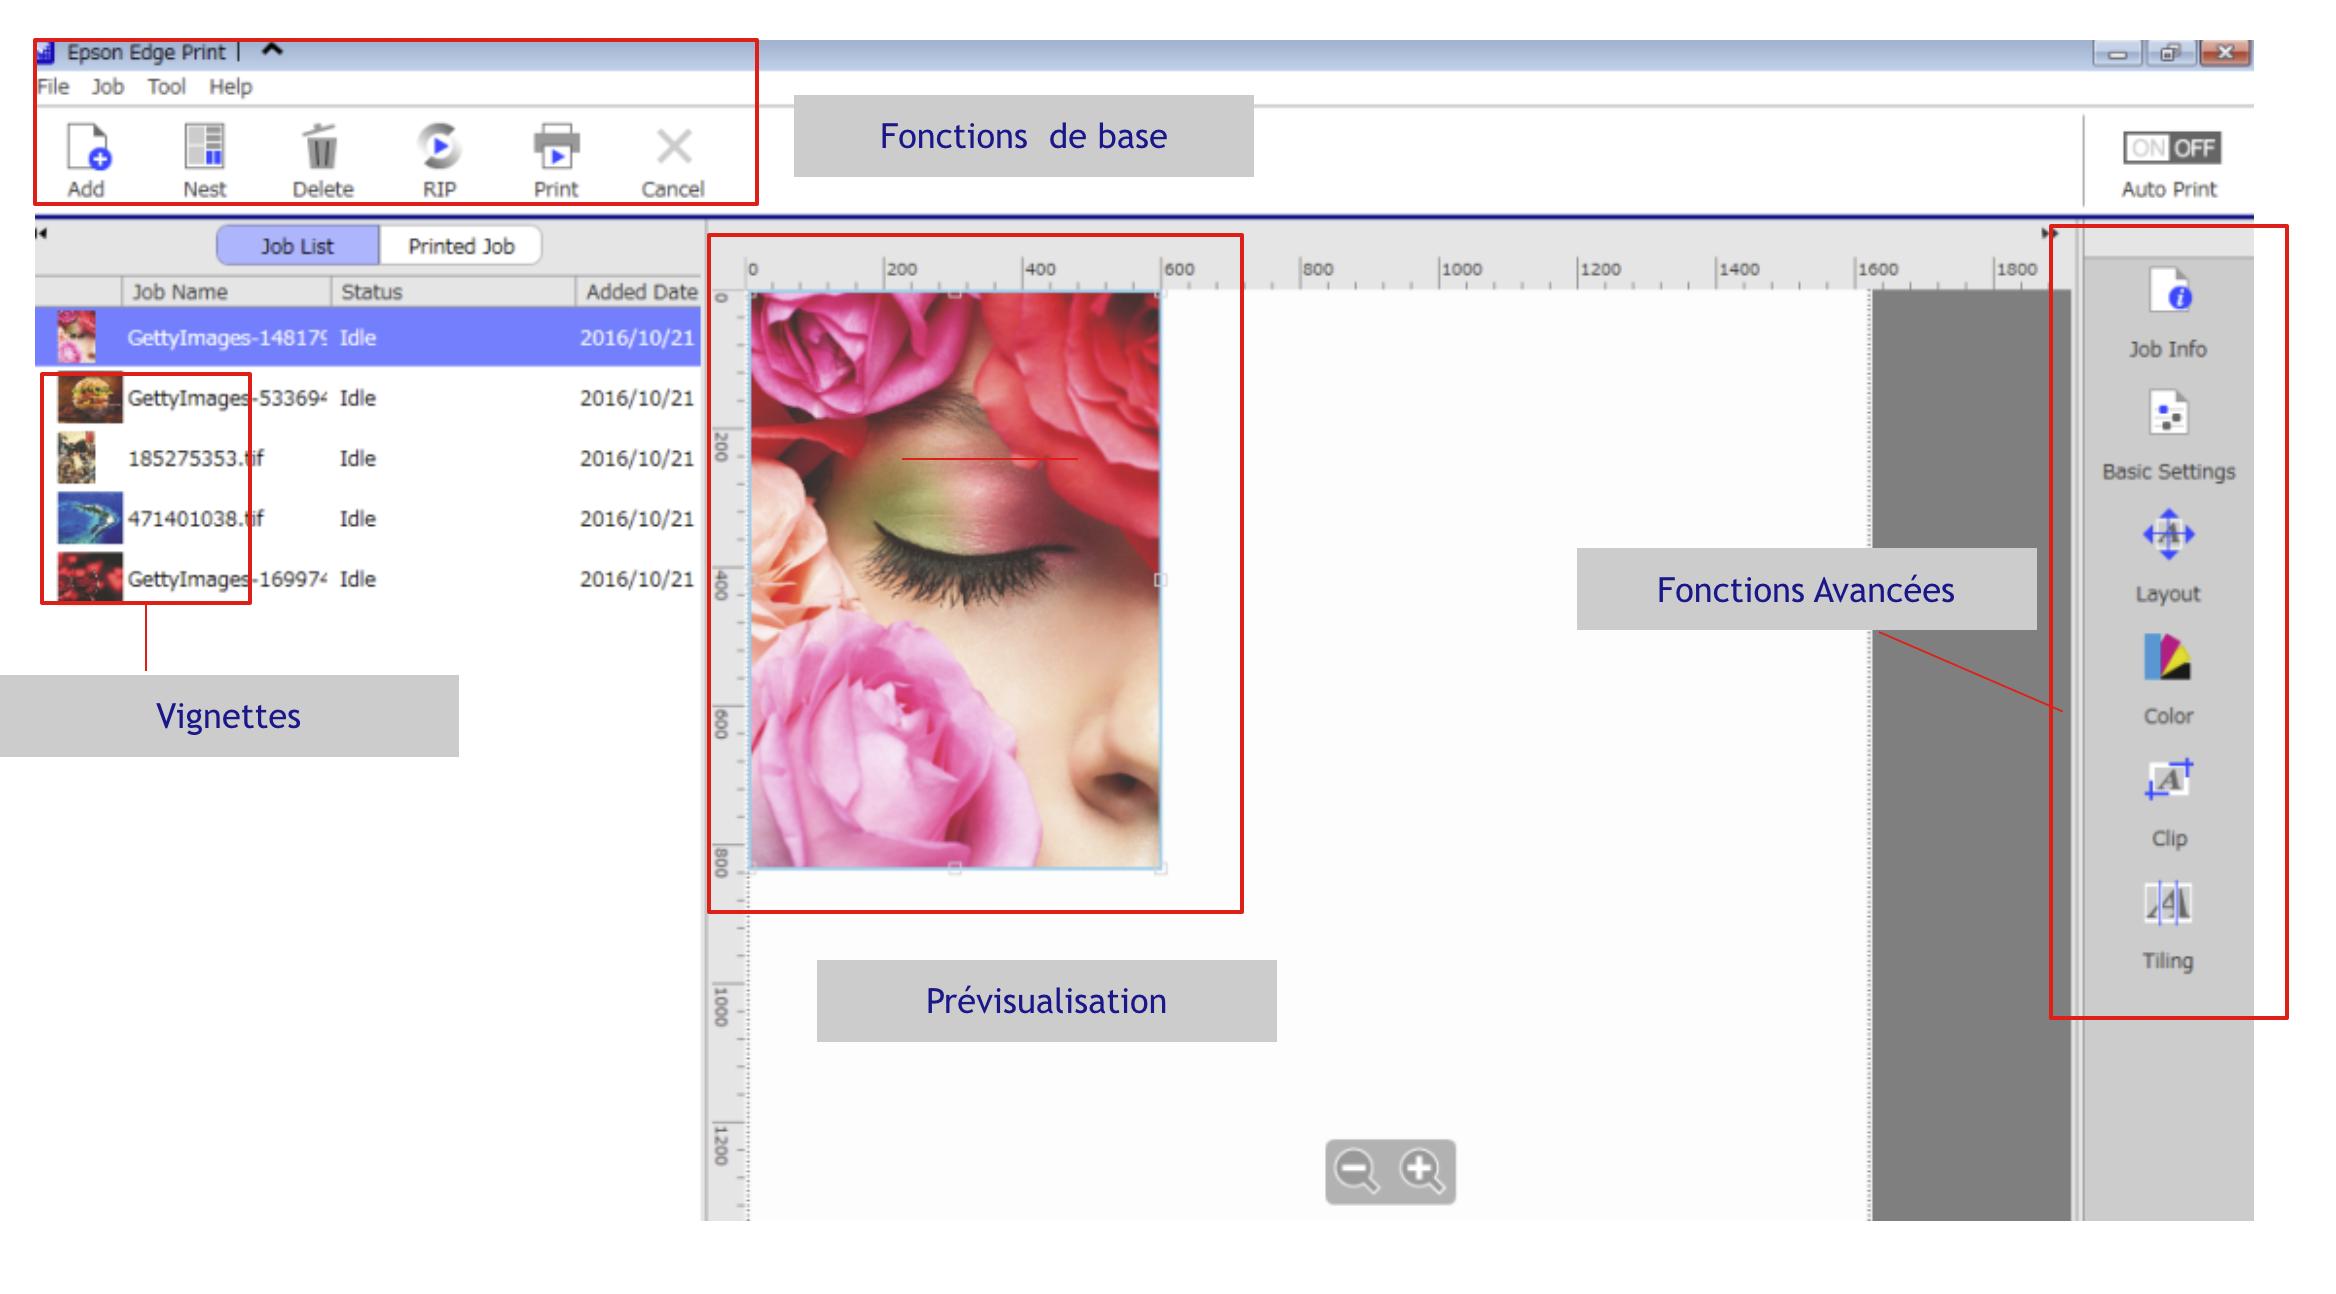 Epson Edge Print - Interface